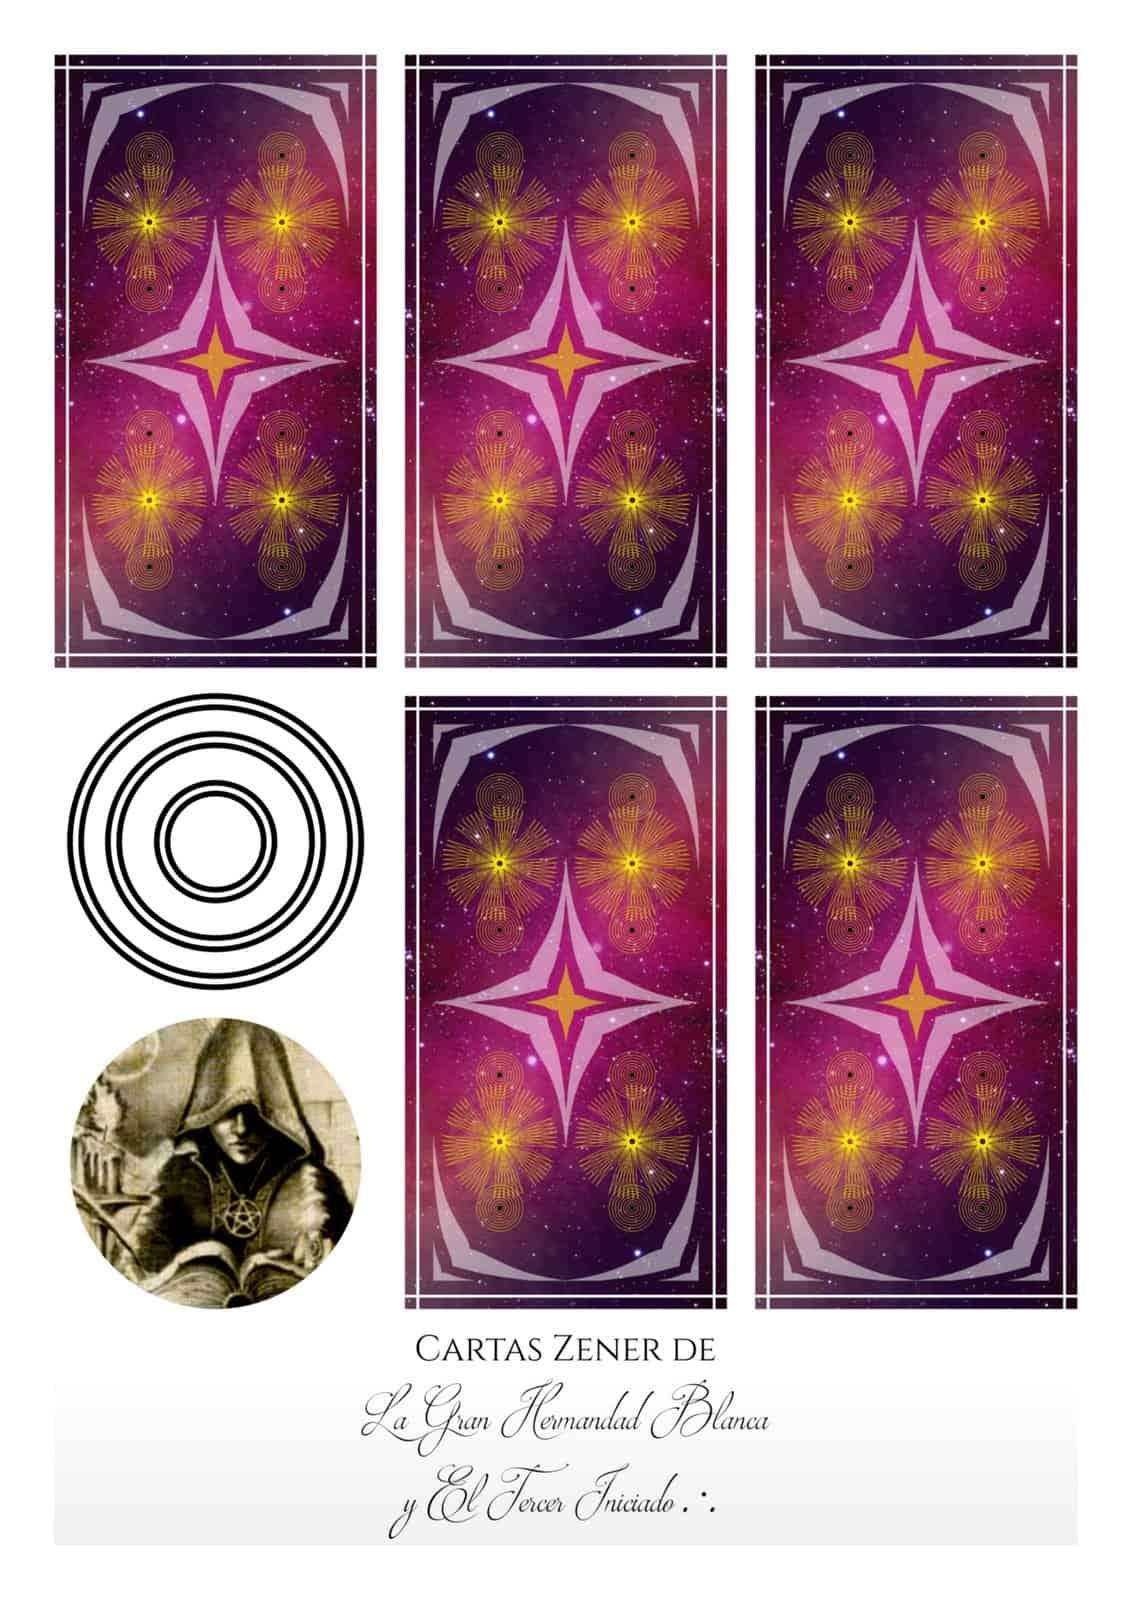 1 cartas zener reverso cartas zener para imprimir ID172894 - hermandadblanca.org